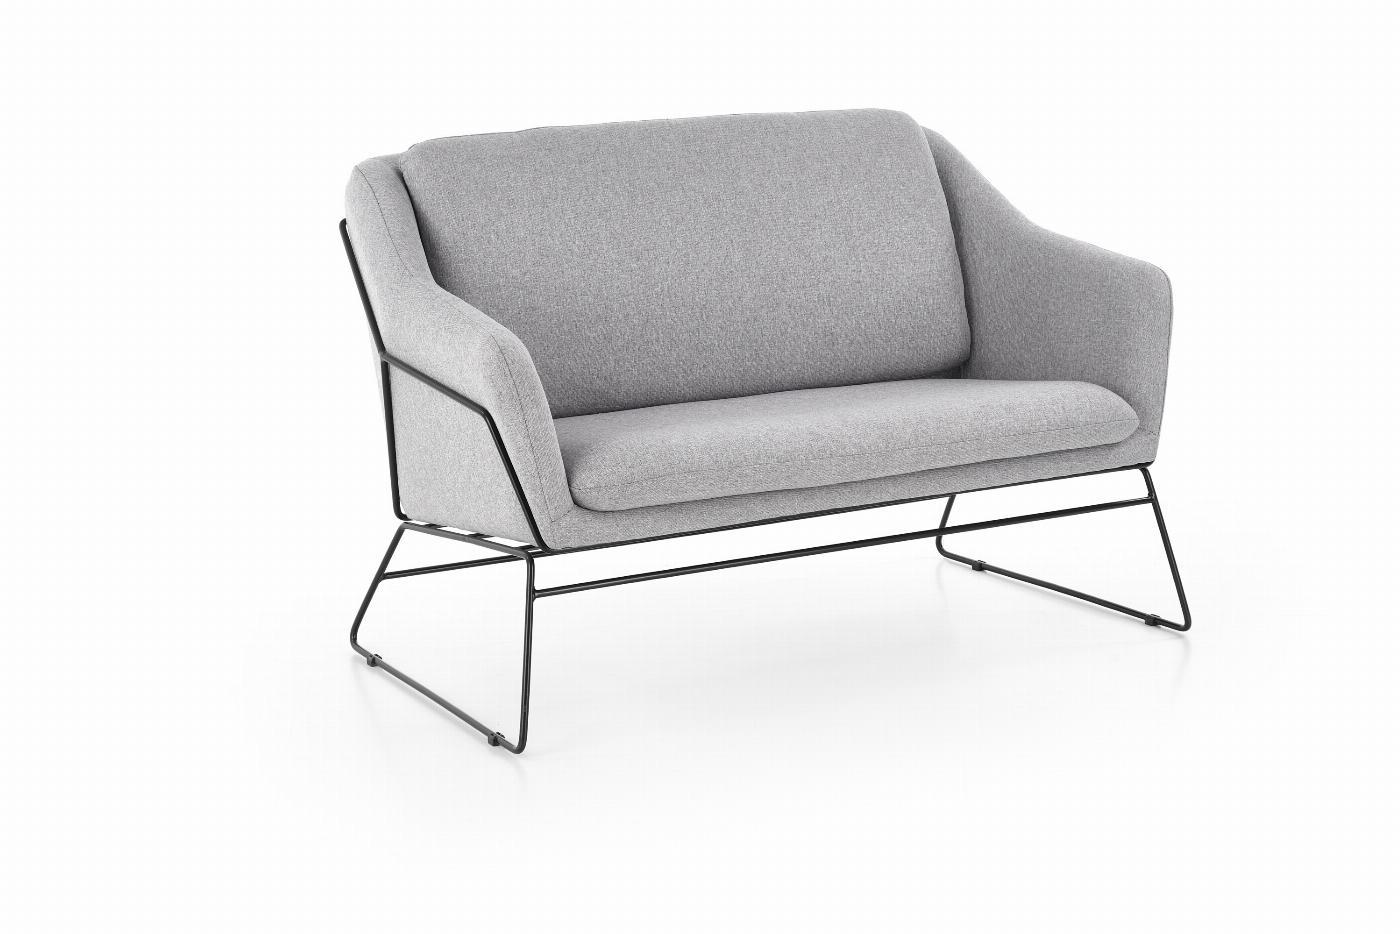 SOFT 2 XL fotel - sofa wypoczynkowa podwójny czarny stelaż, jasny popiel (1p=1szt)